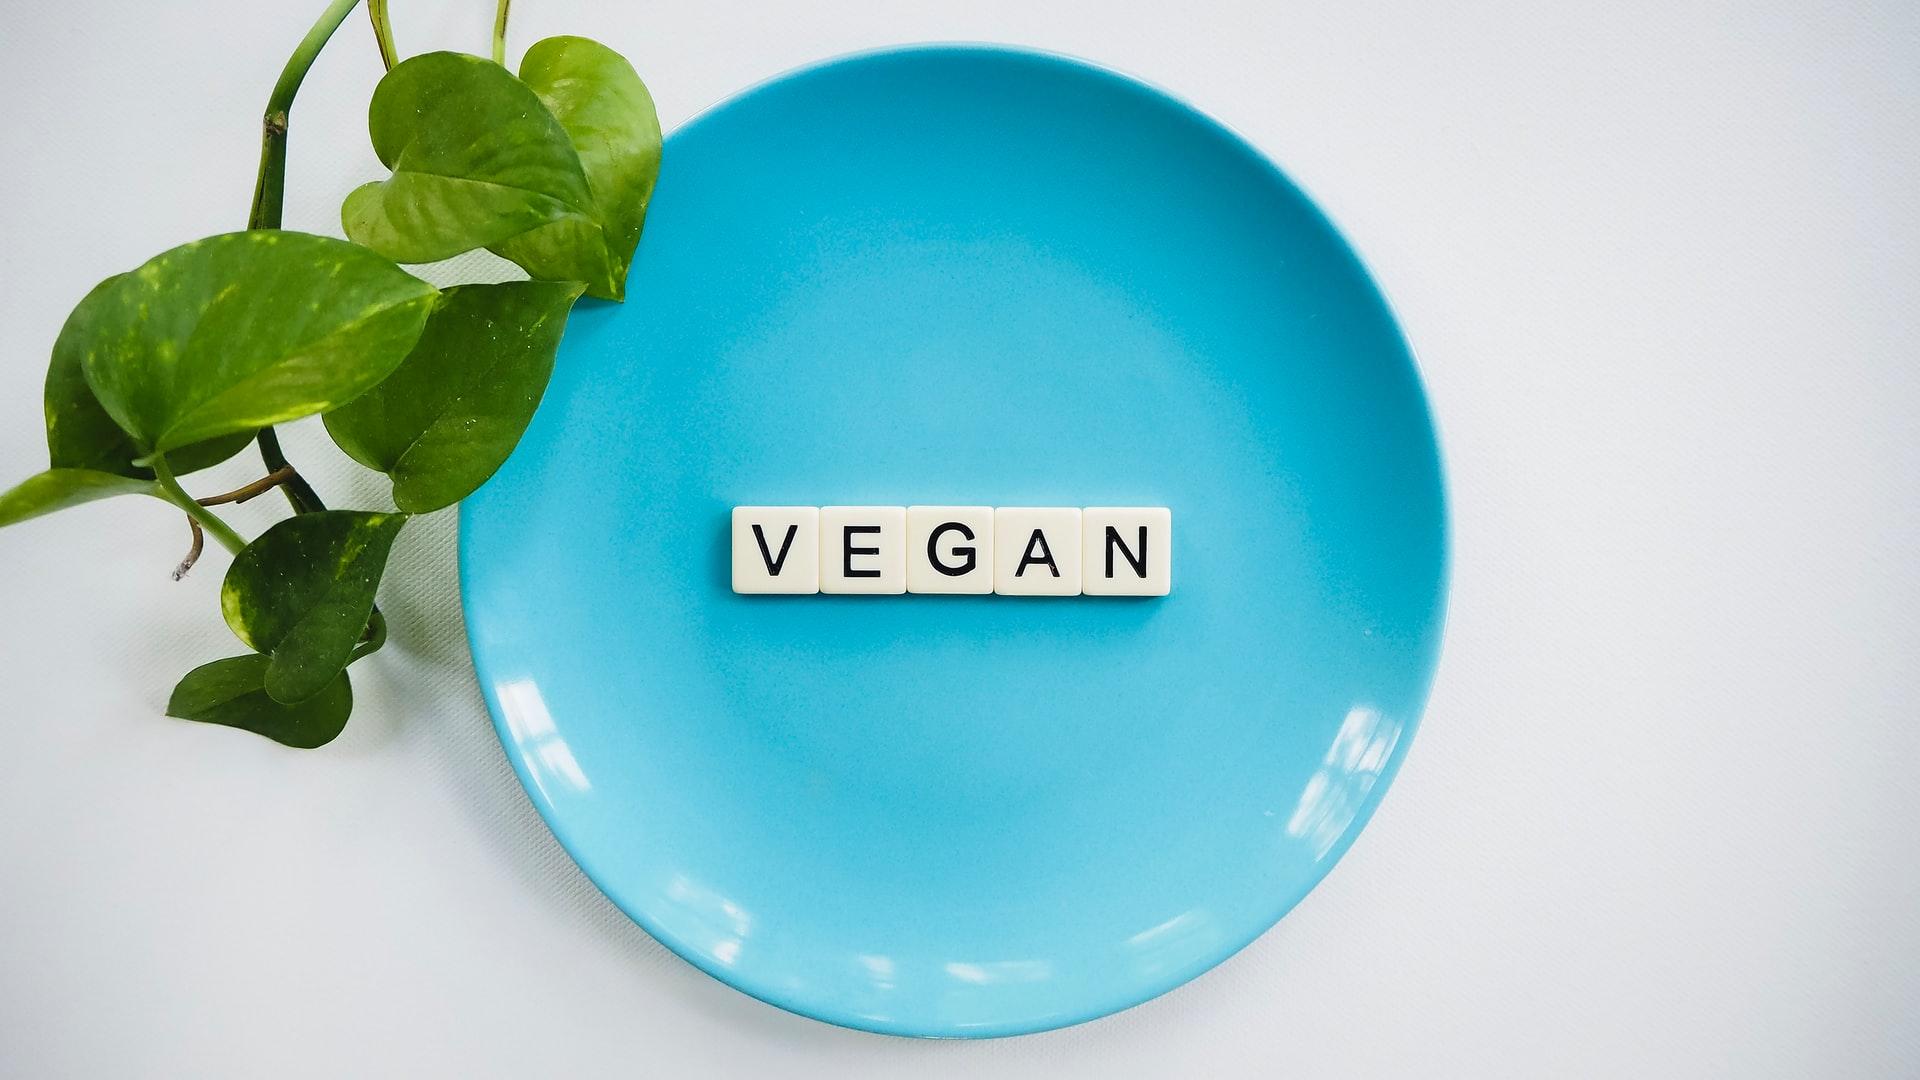 Άρθρο / Πόσο υγιεινή είναι η διατροφή vegan;